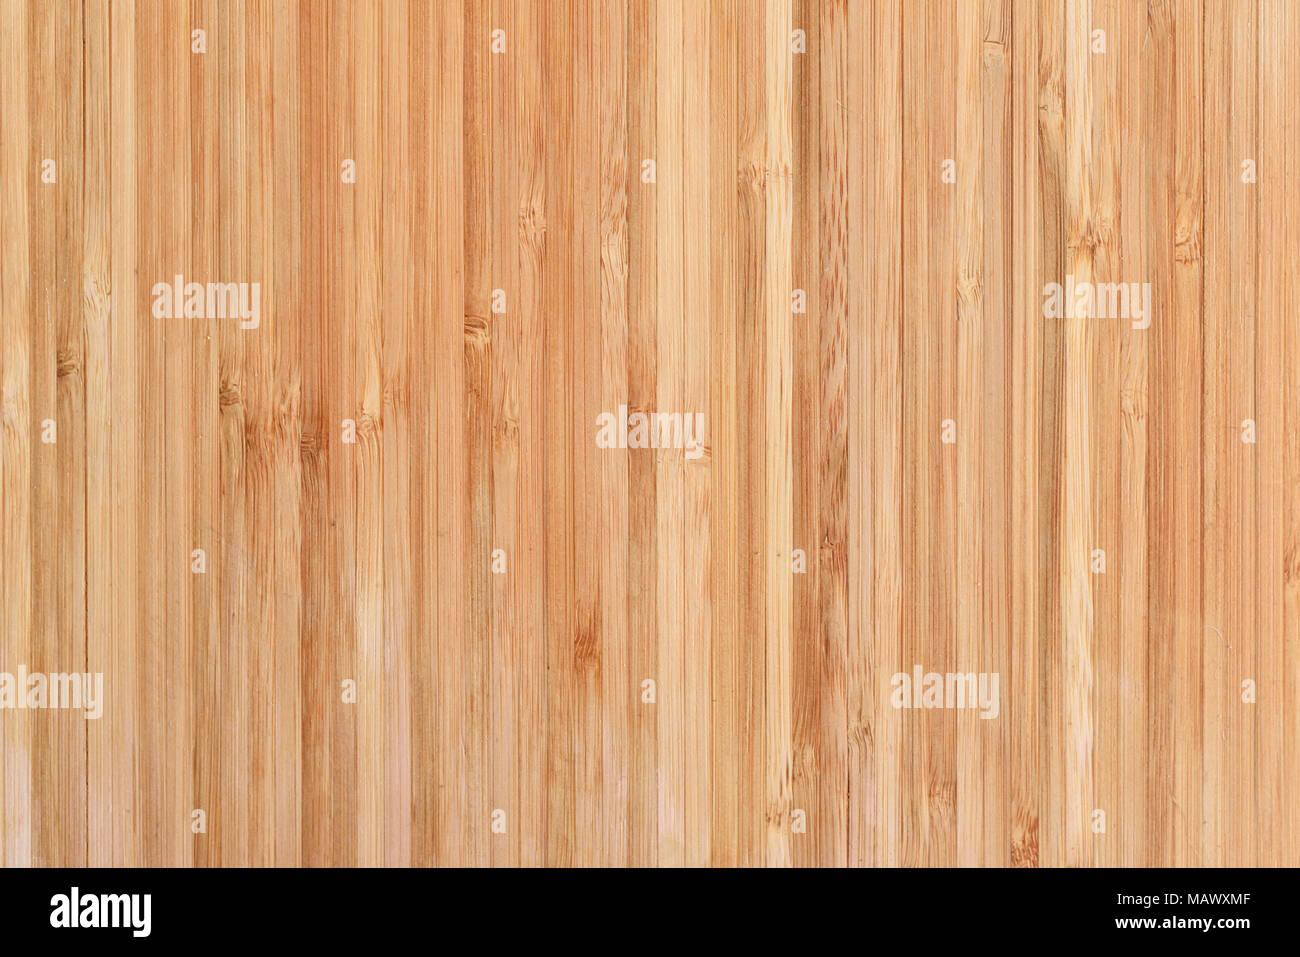 Bambus Bambus Oder Hintergrund Bambusparkett Oder Schneidbrett